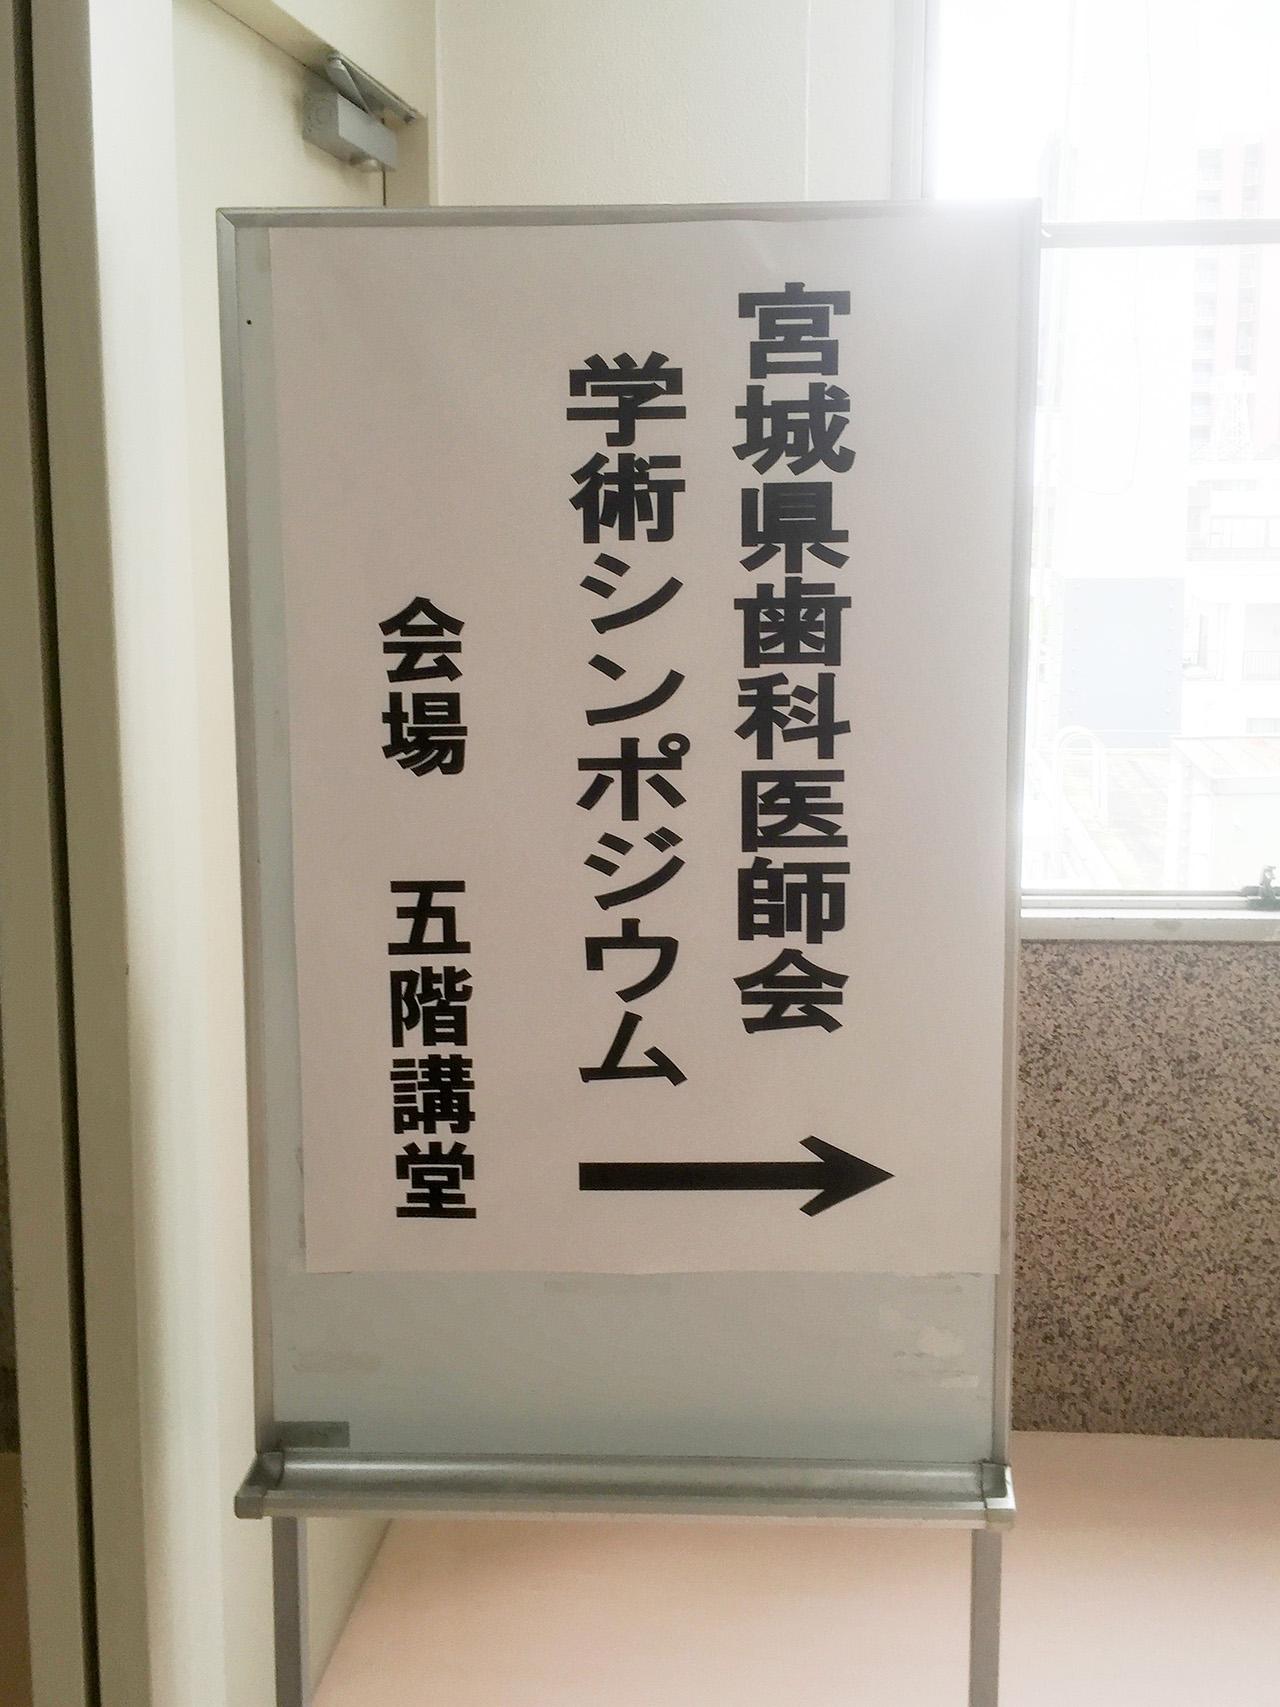 宮城県歯科医師会 学会シンポジウム